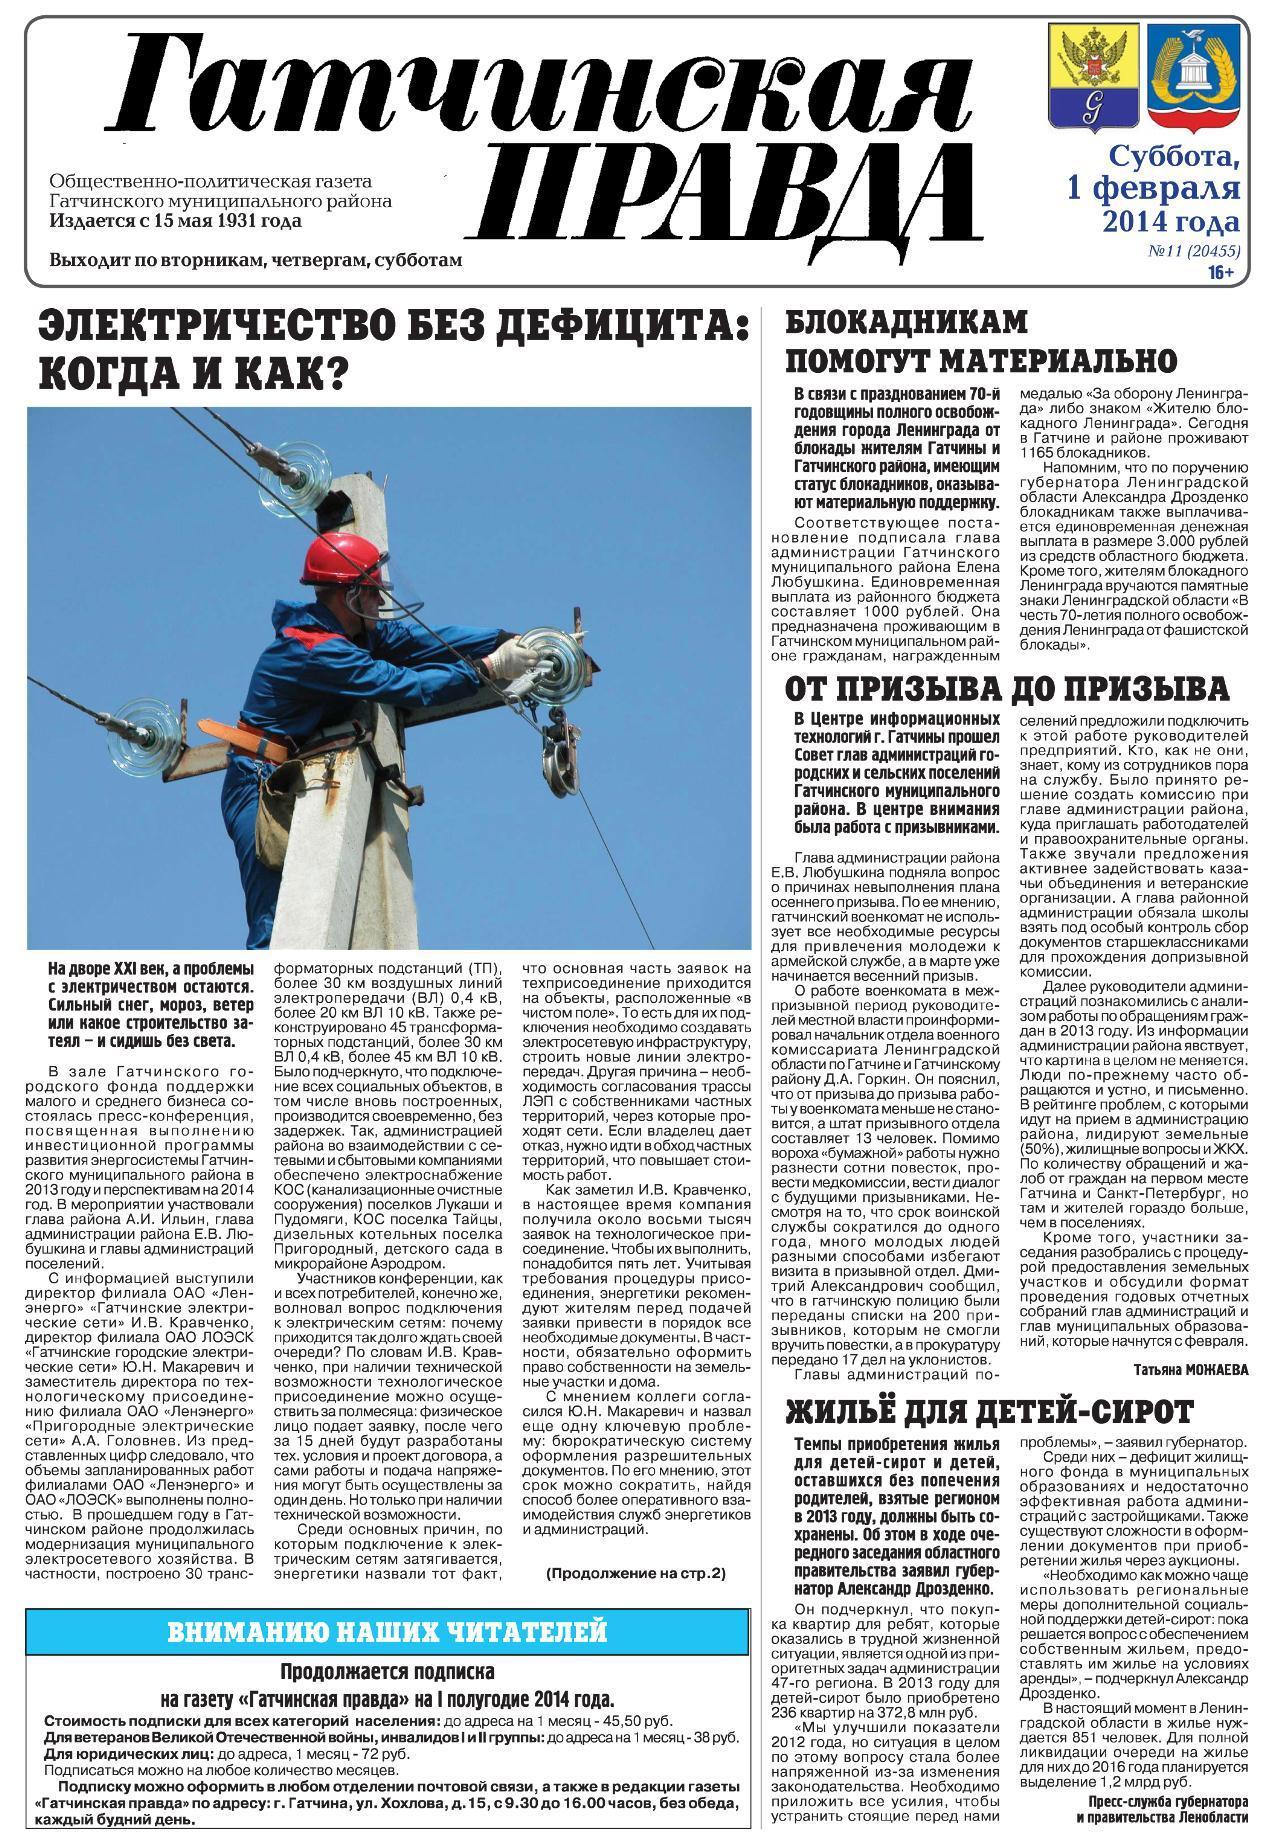 Гатчинская правда №11 от 01 февраля 2014 года